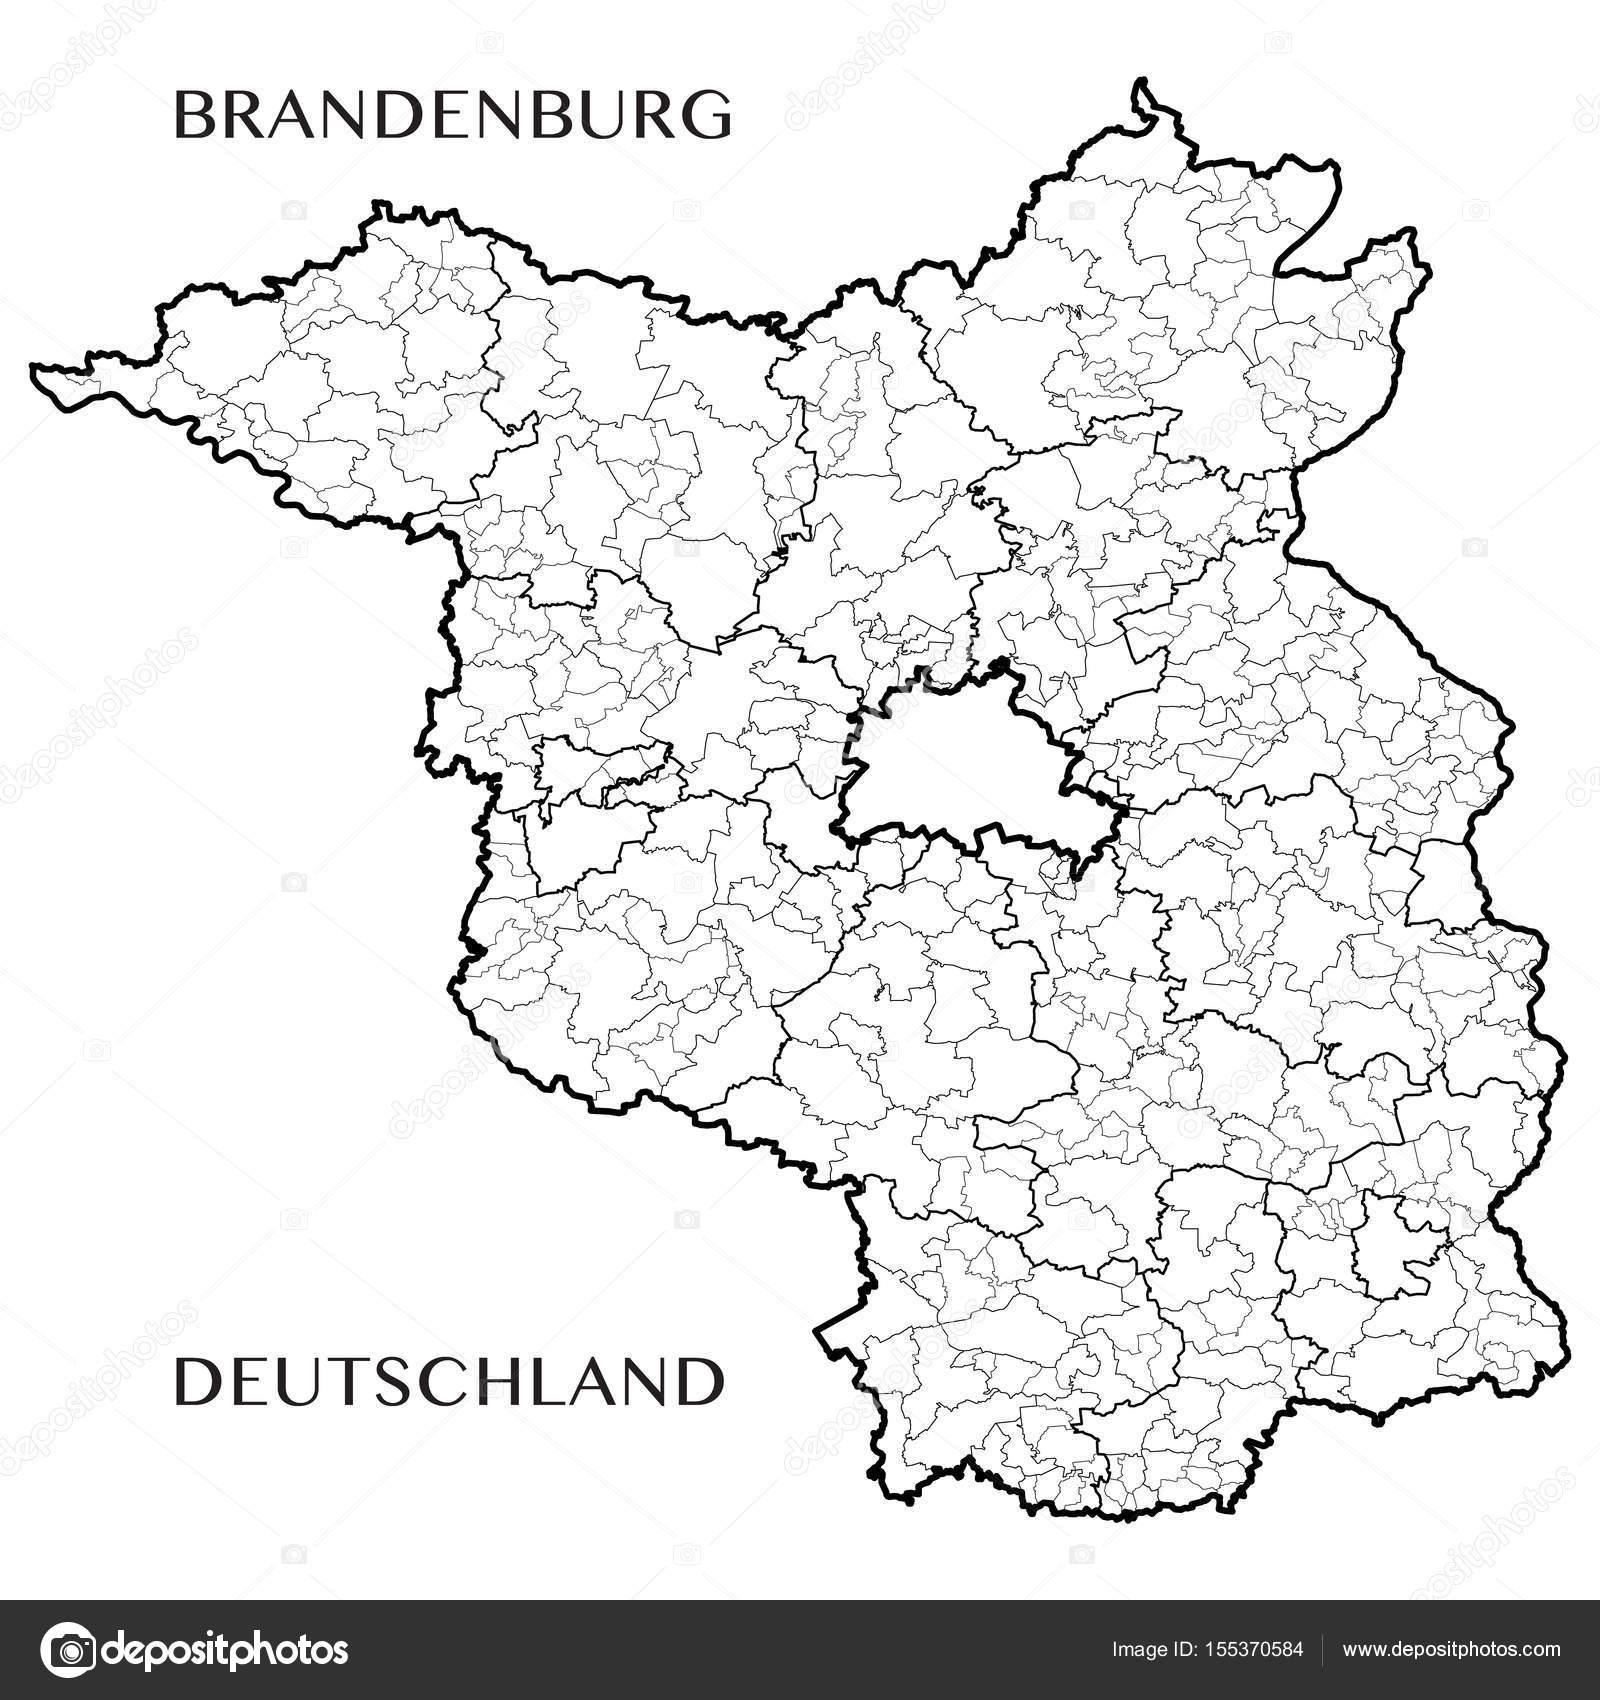 Land Brandenburg Karte.Detaillierte Karte Des Landes Brandenburg Deutschland Mit Grenzen